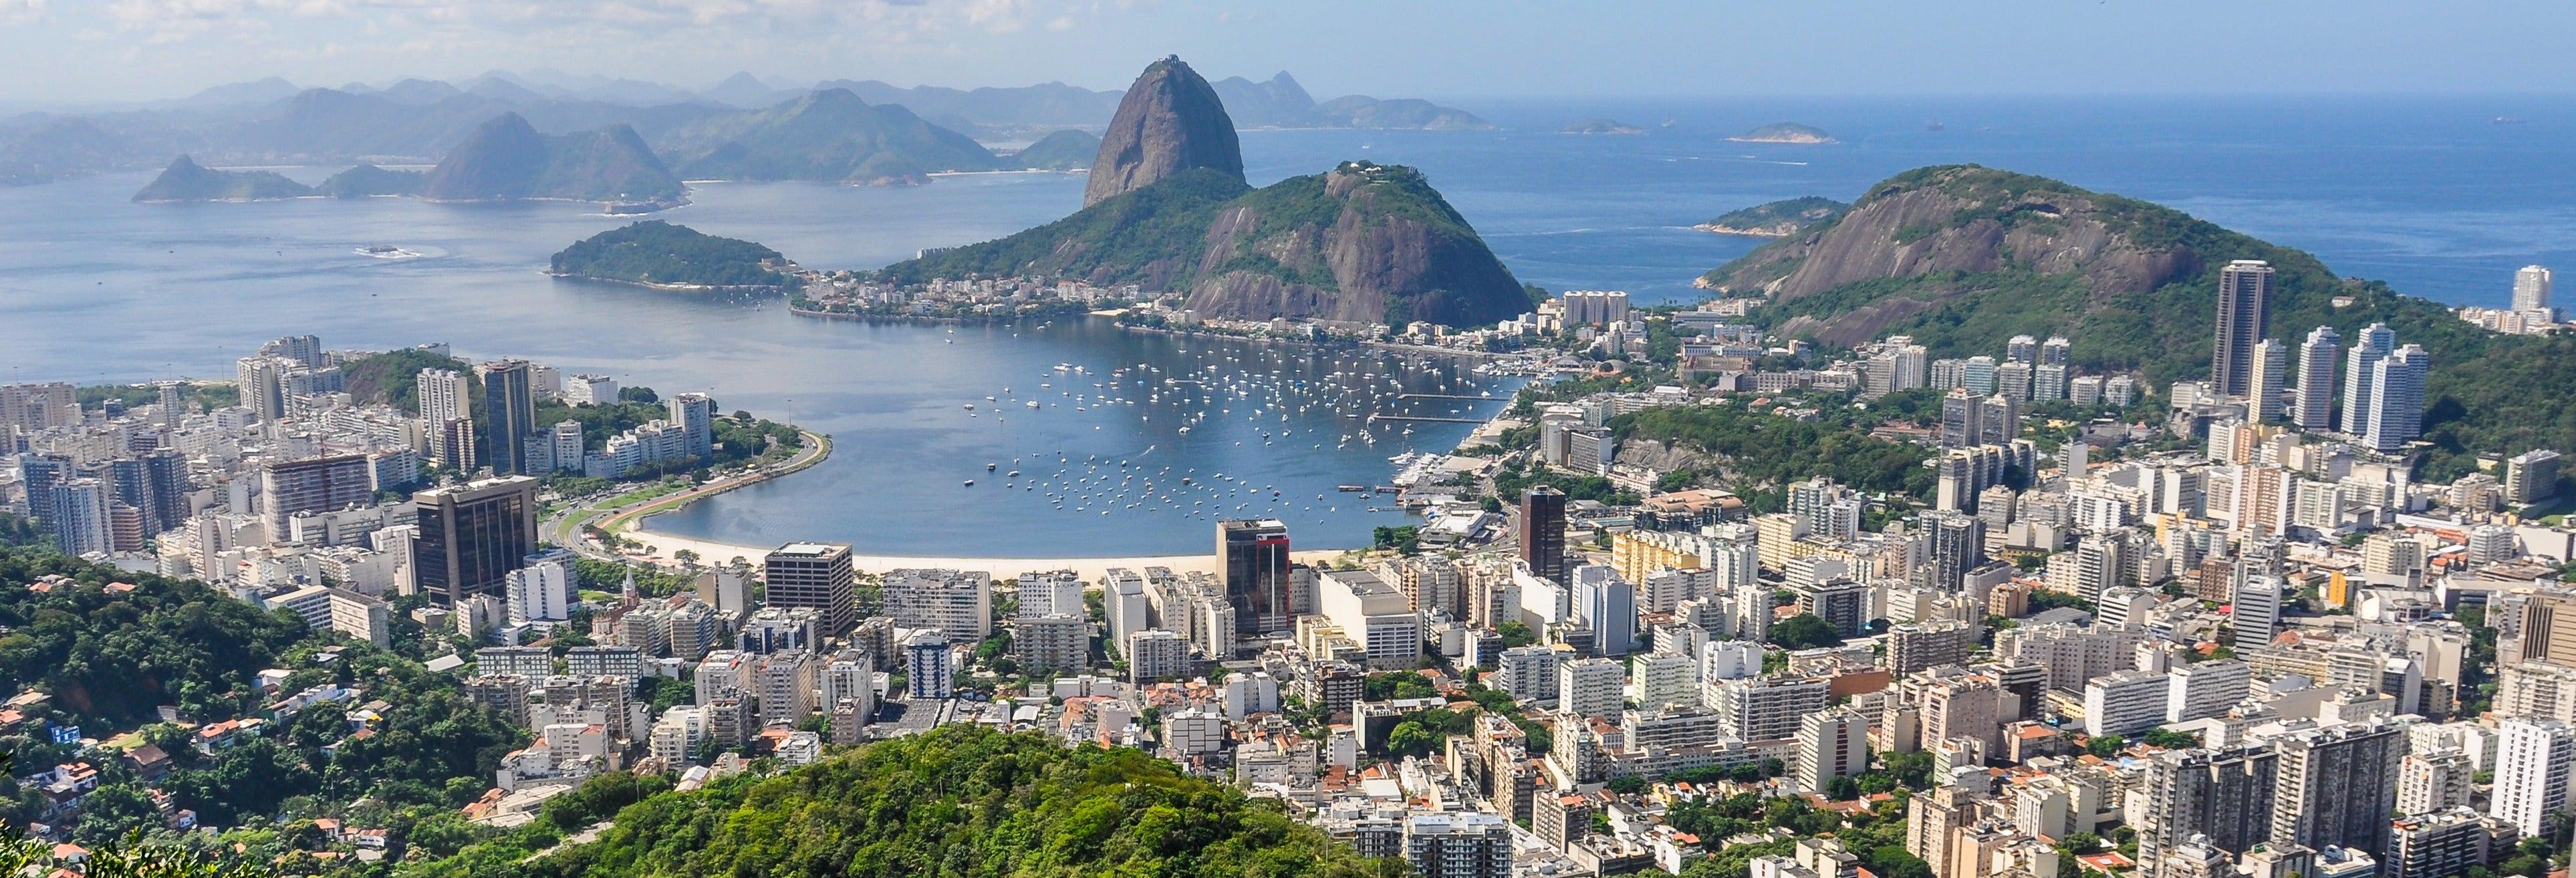 Giro in elicottero a Rio de Janeiro